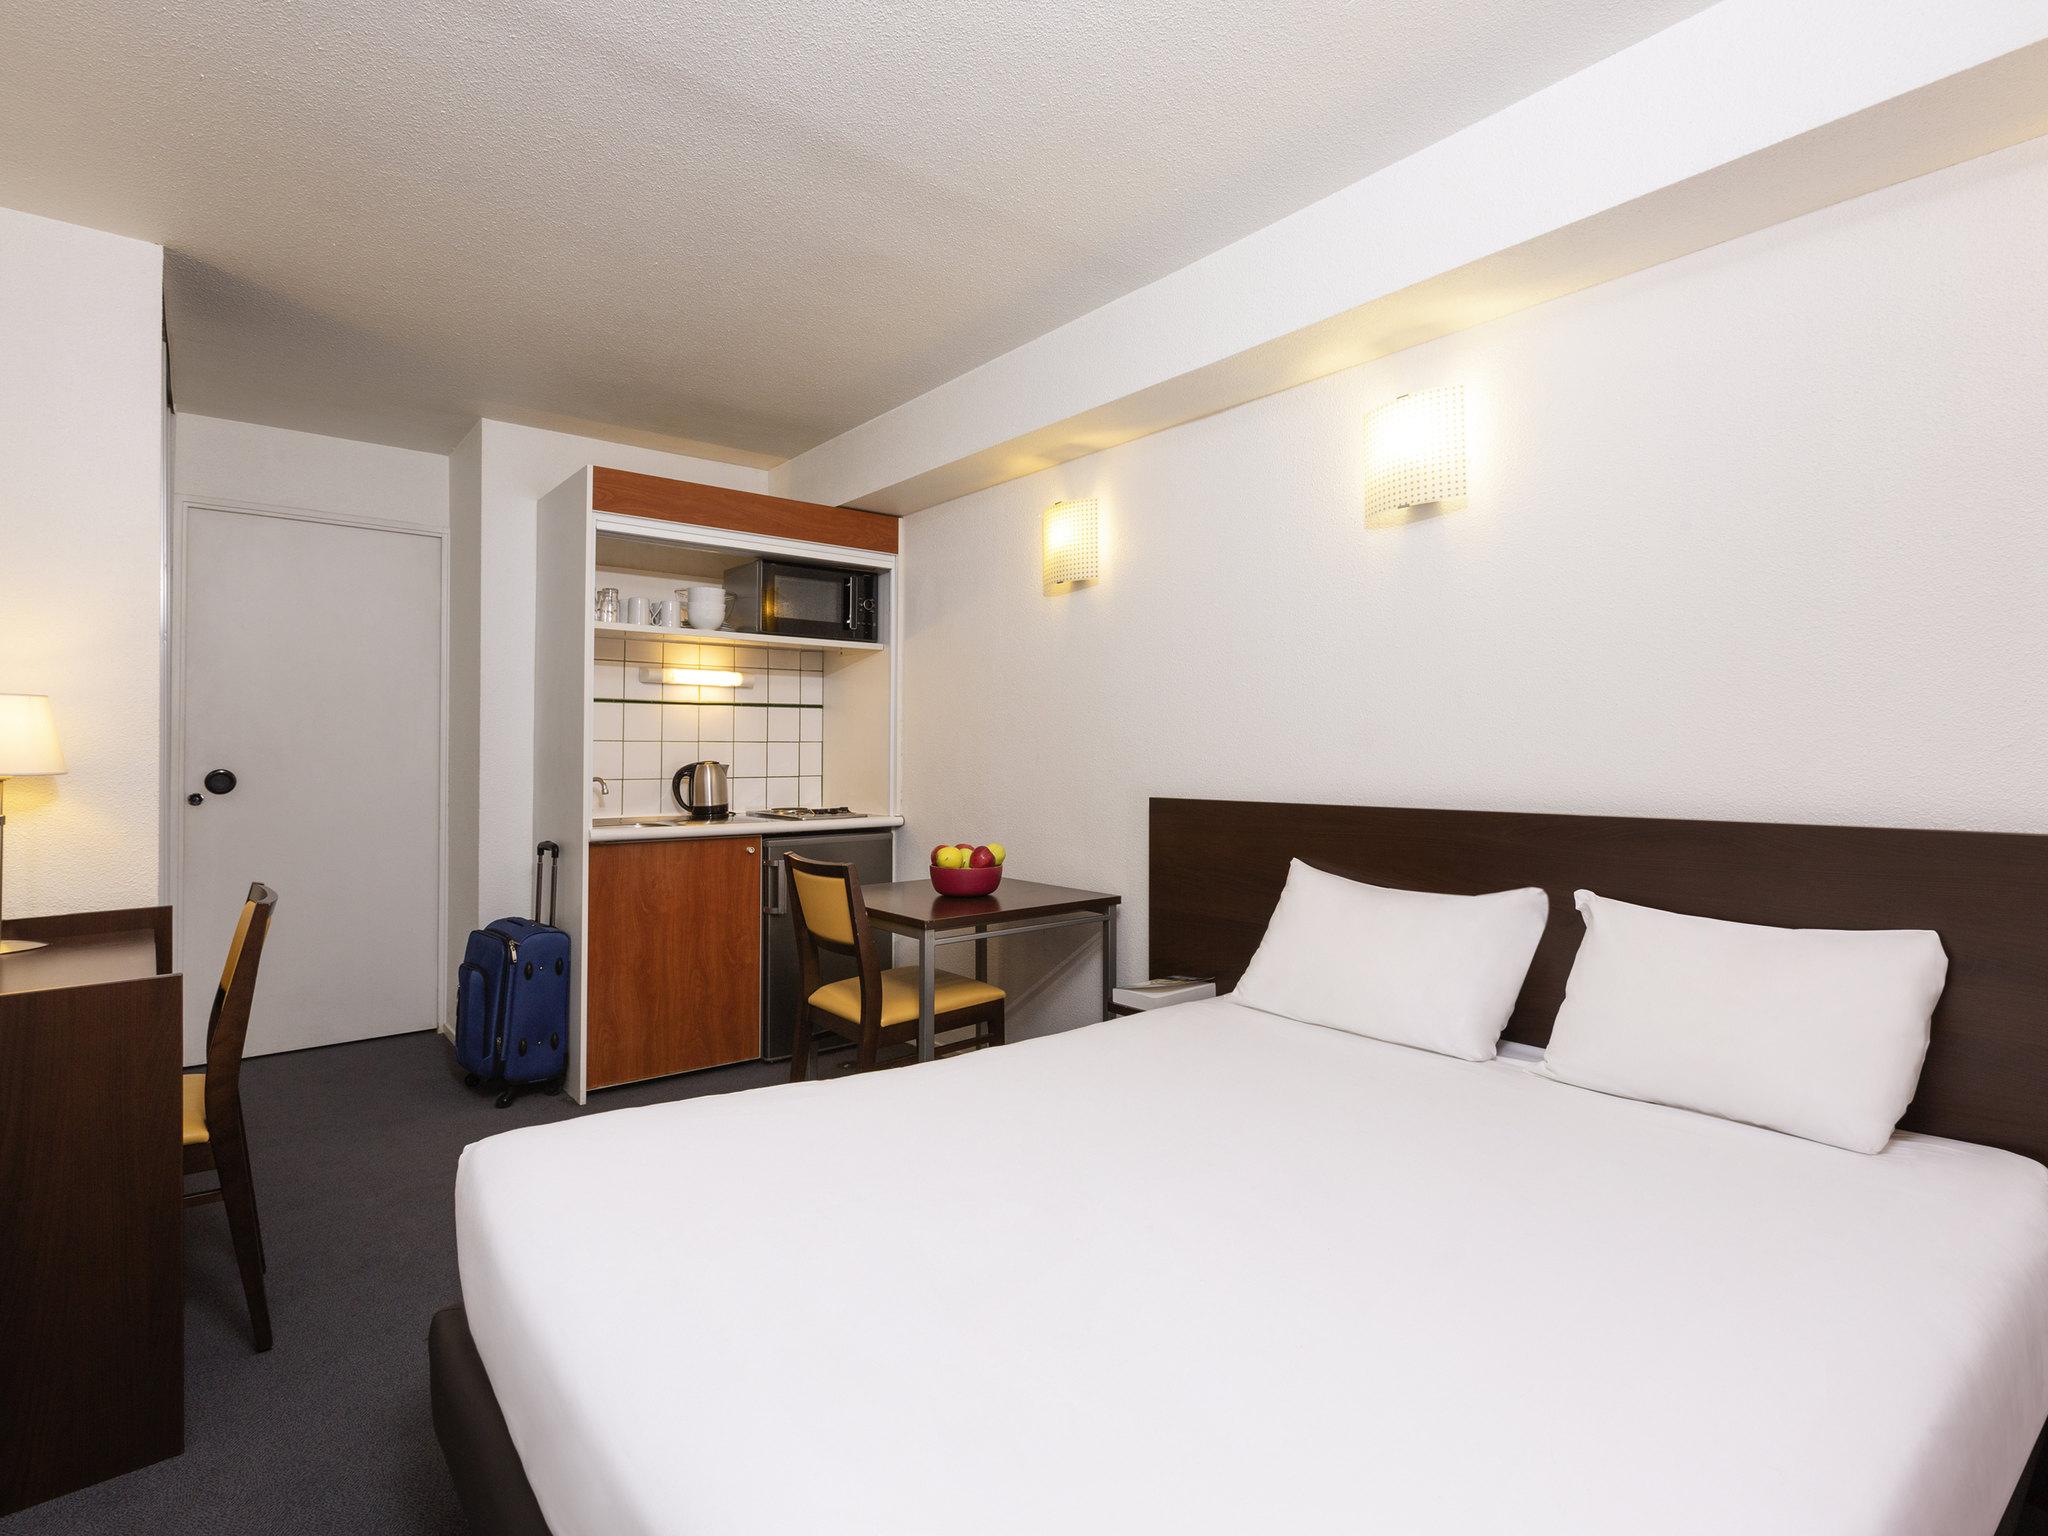 Hotel – Hotel de apartamentos Adagio access La Défense Léonard de Vinci